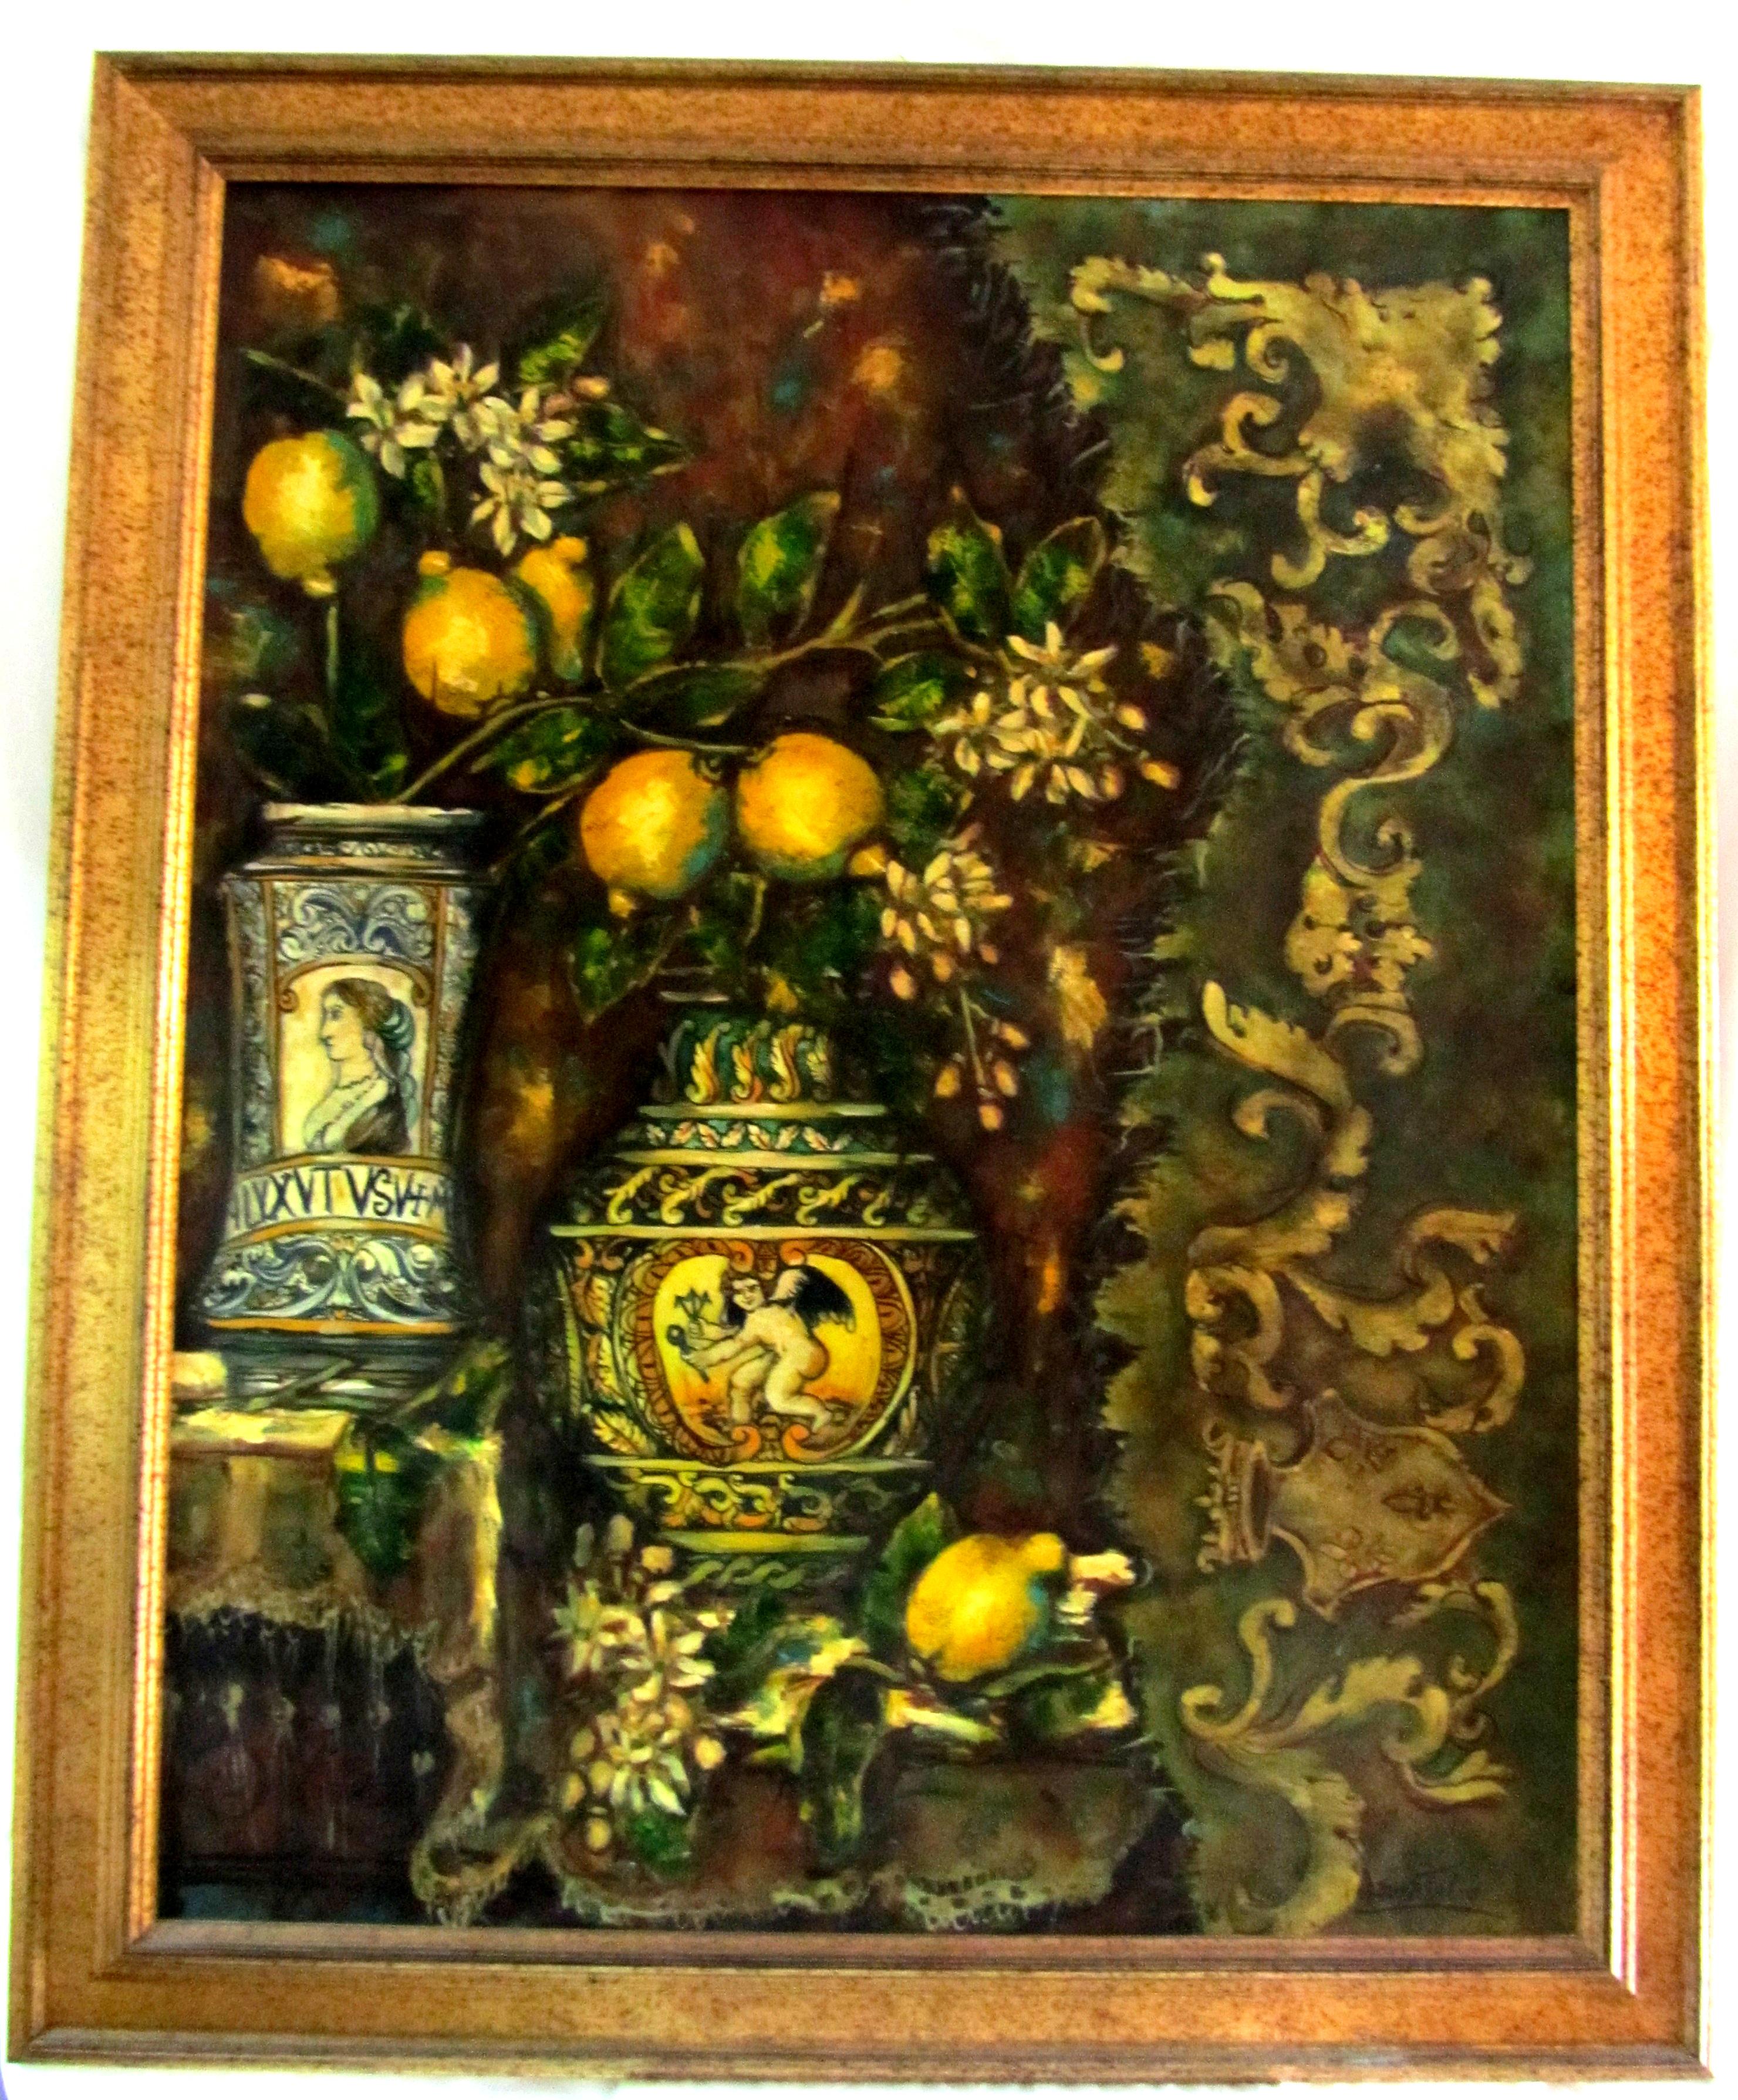 IMG 5382 - Composizione siciliana 100 x 80 cm